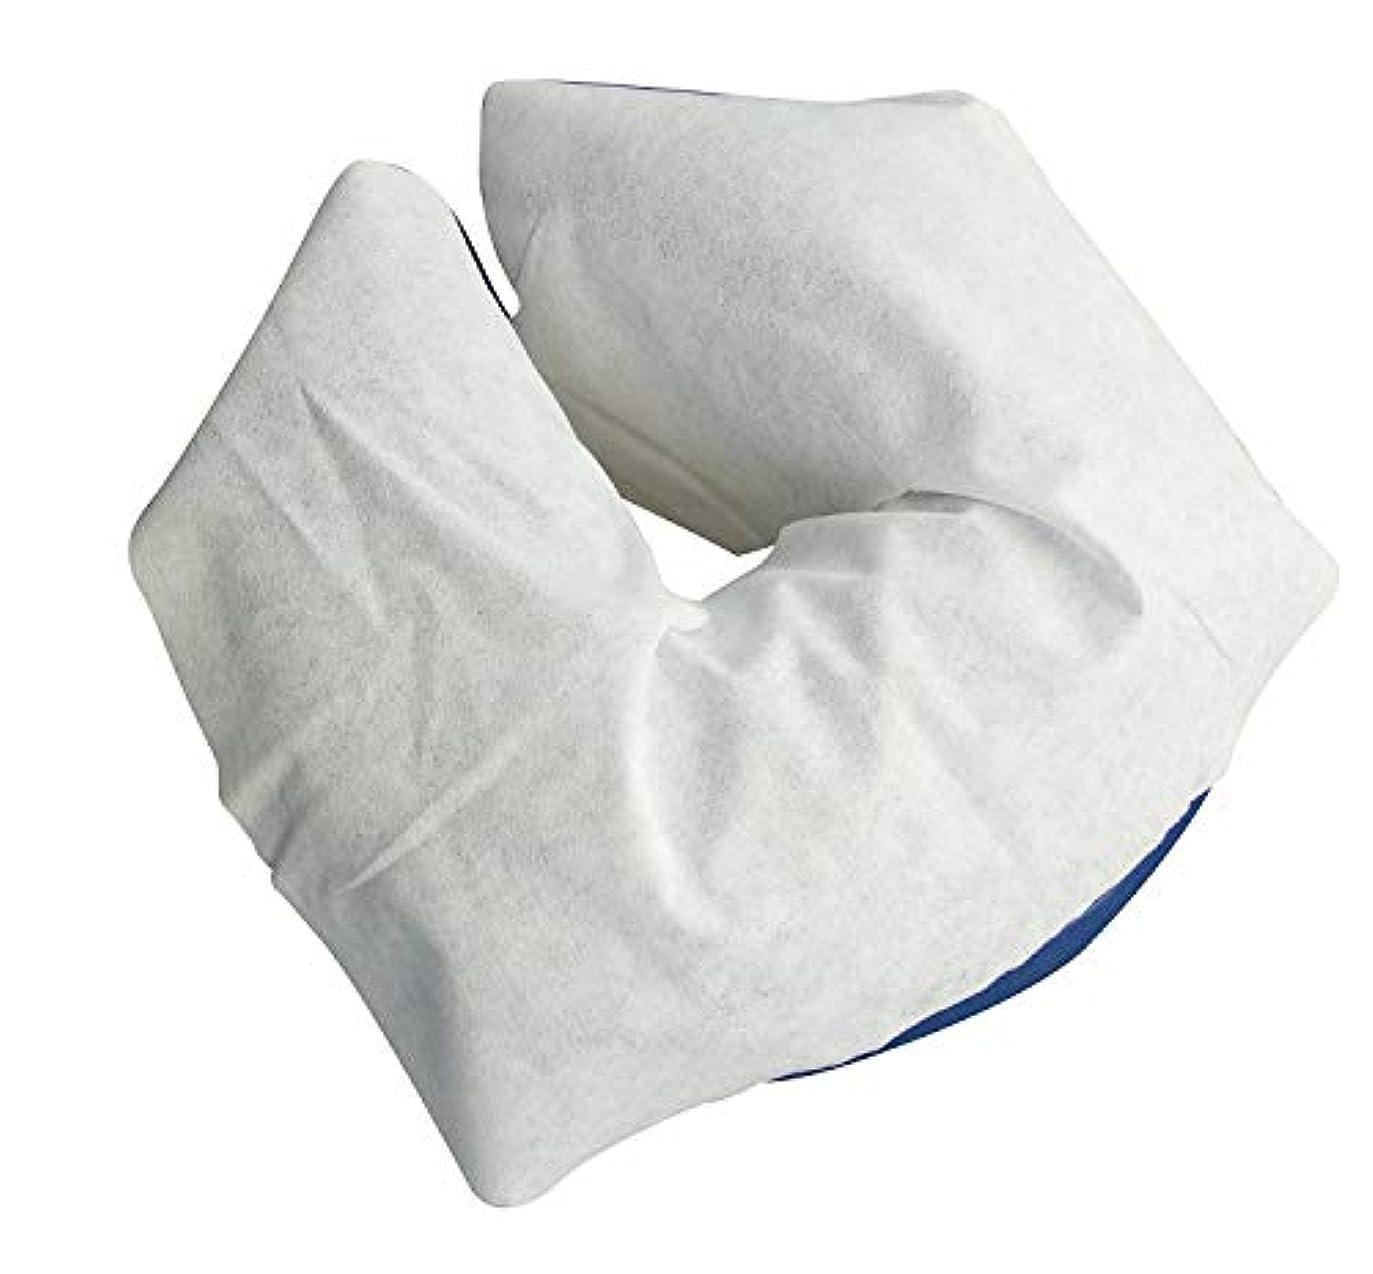 エネルギーブラザー瞑想するUmora U字 ピローシート 使い捨てマクラカバー 業務用 美容 サロン 100%綿 柔軟 厚手(200枚)